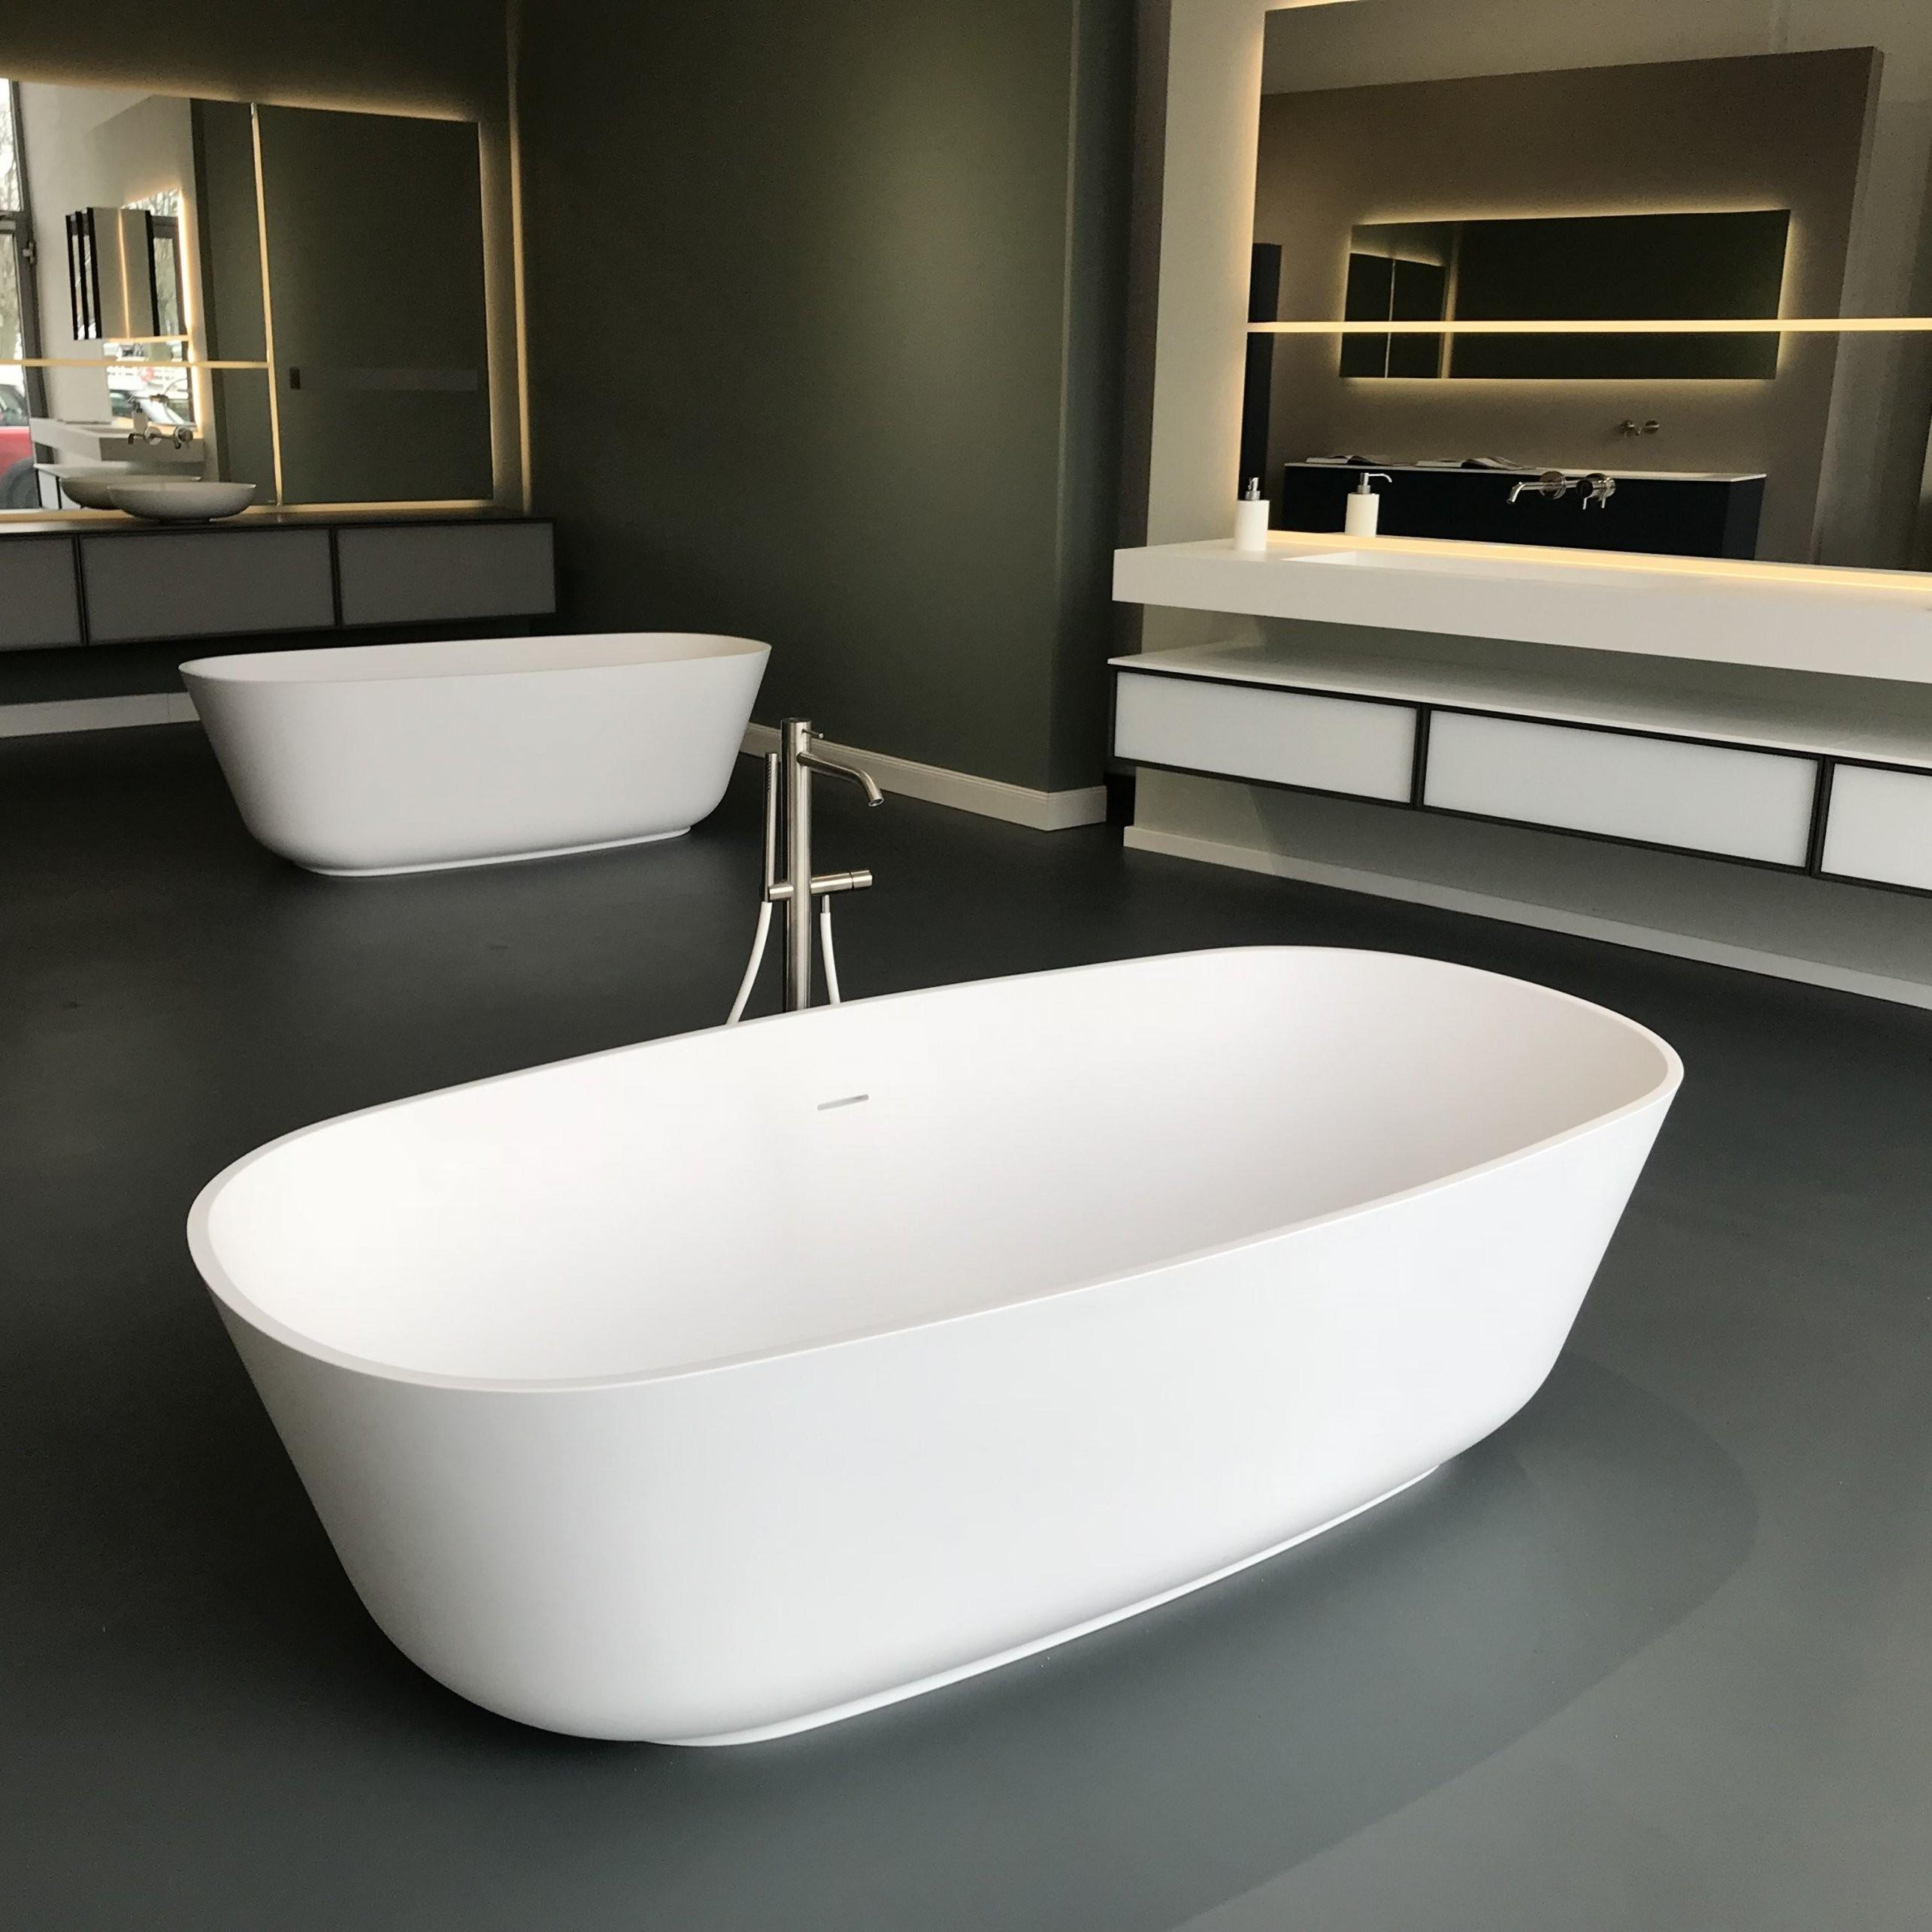 28 Ehrfürchtig Designer Badewanne  Joaquintrias von Badewanne Freistehend An Wand Photo